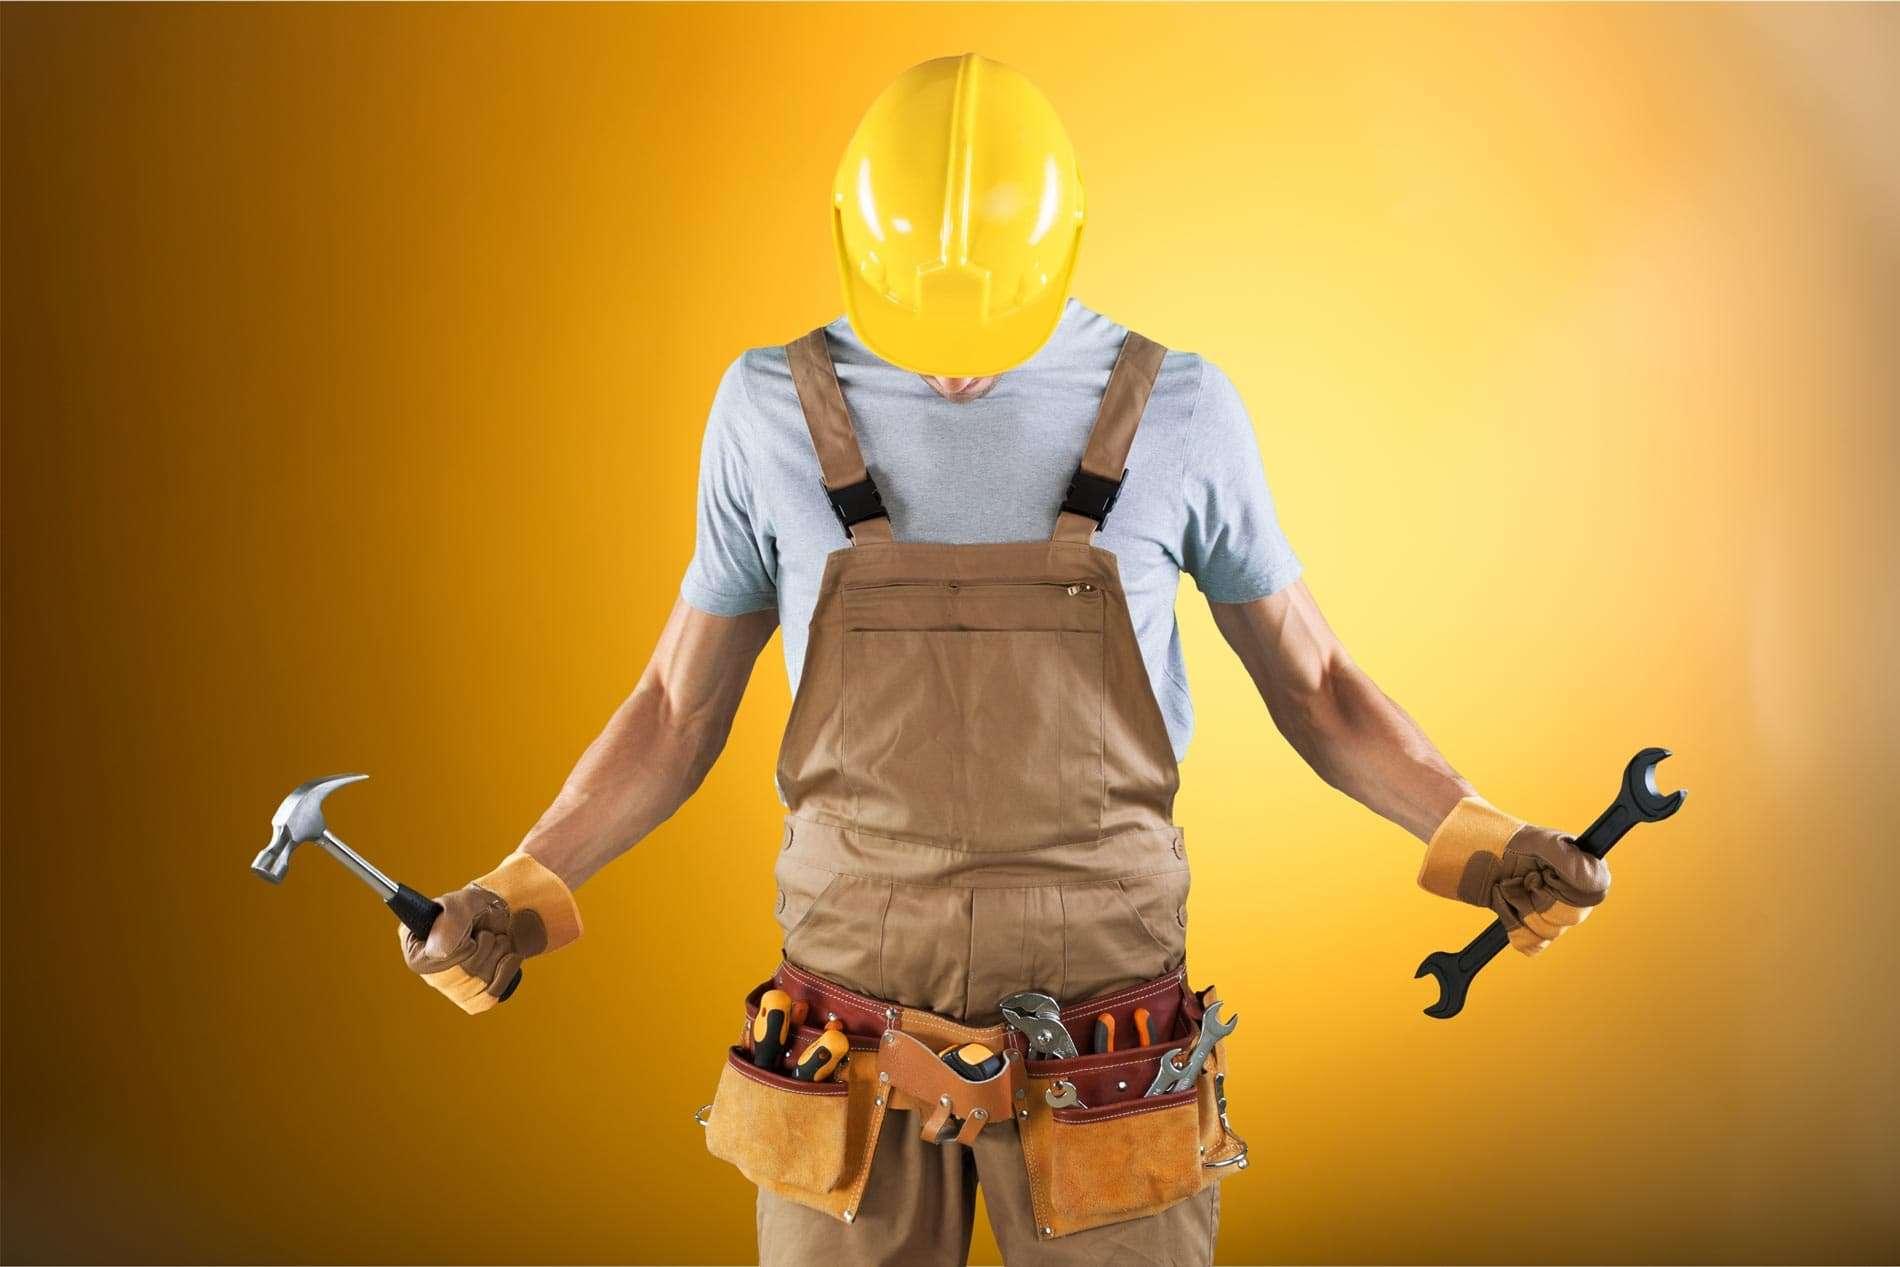 Immobilienmakler | | Renovierungen und Bauarbeiten: So klappt es mit den Handwerkern | Quickborn | Ellerau | Bönningstedt | Hamburg | Norderstedt | Pinneberg